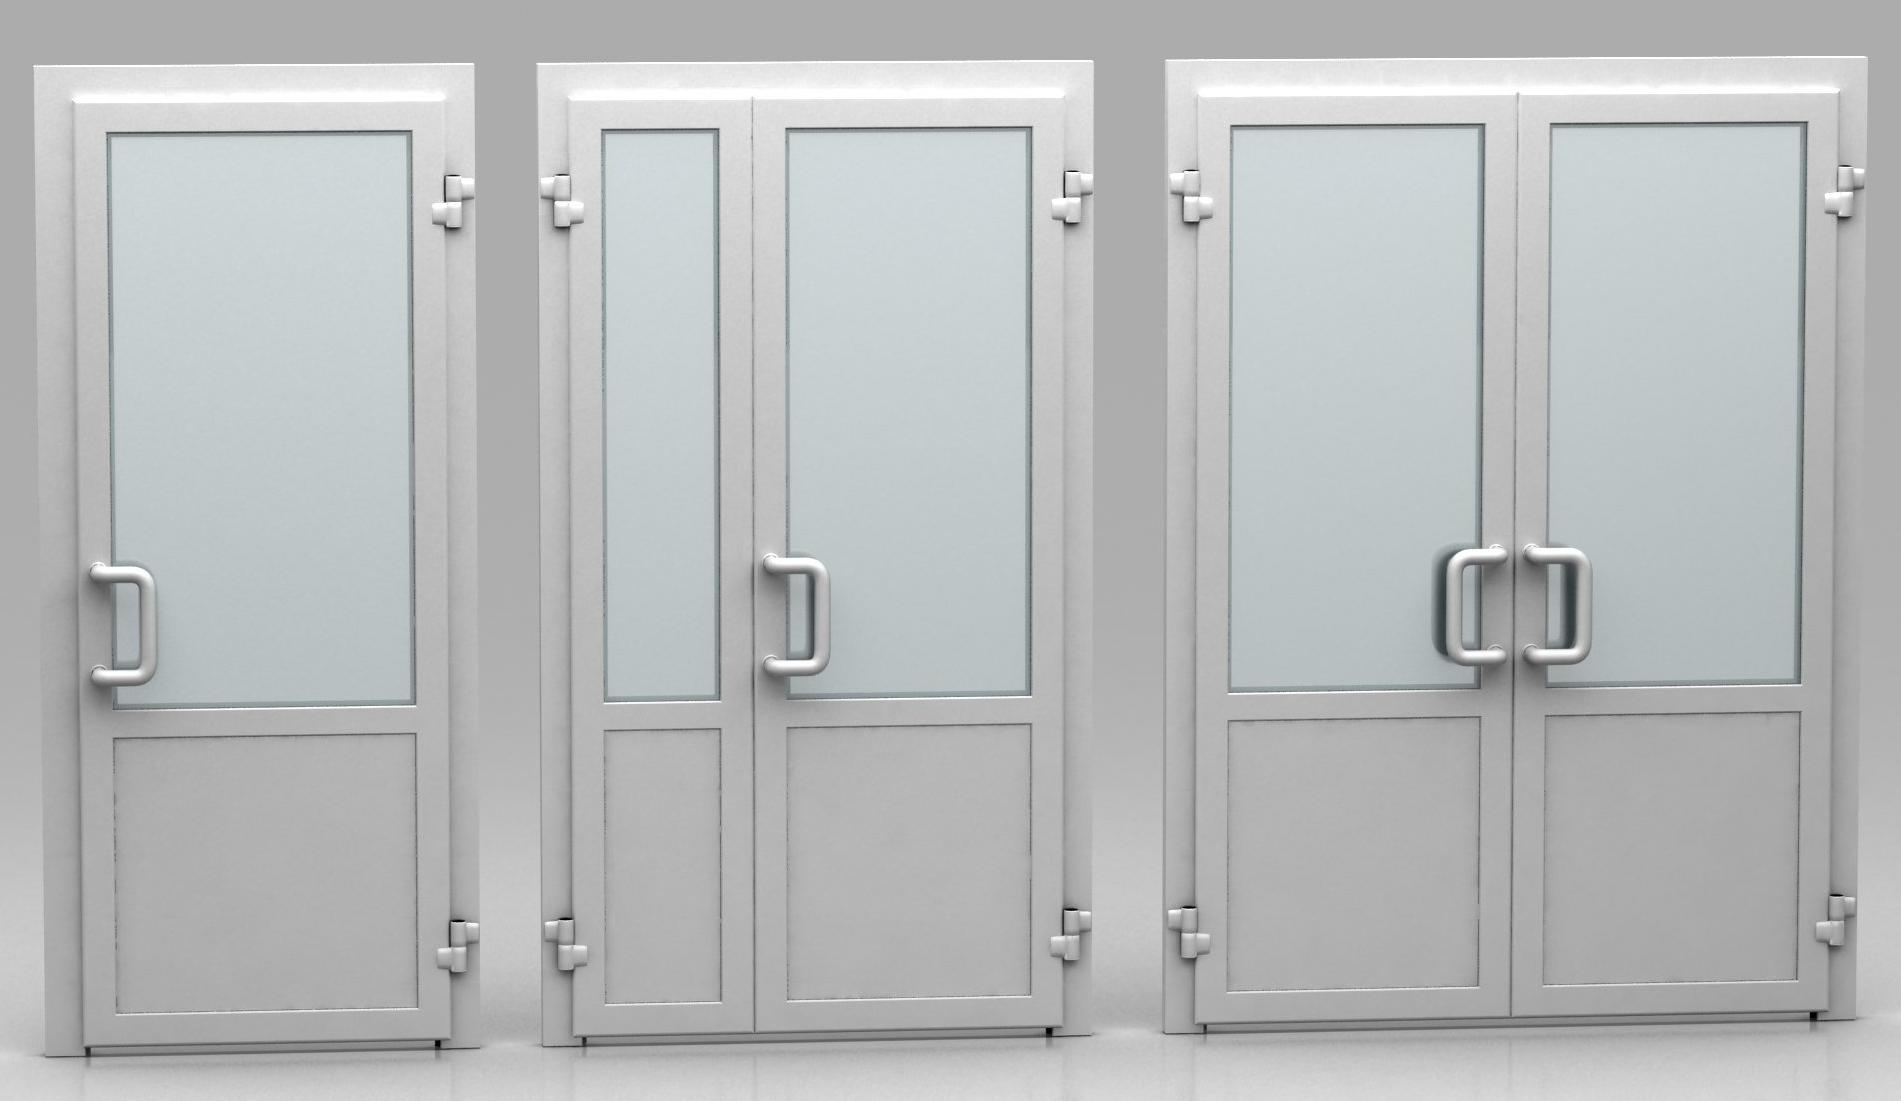 Разделение пластиковых дверей по количеству створок